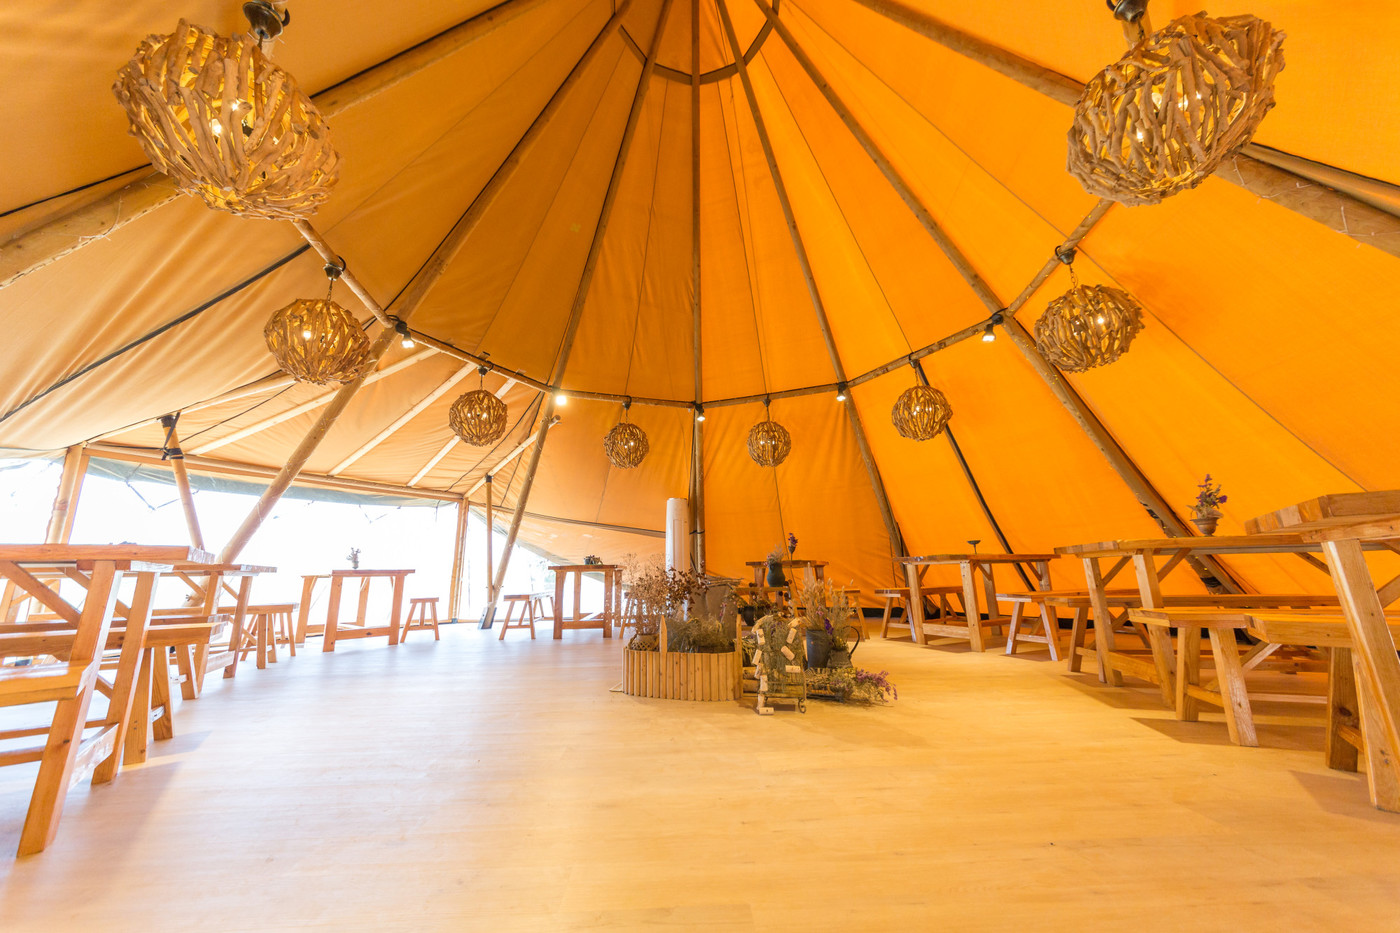 喜马拉雅印第安多功能大厅—淮安白马湖生态旅游度假区24